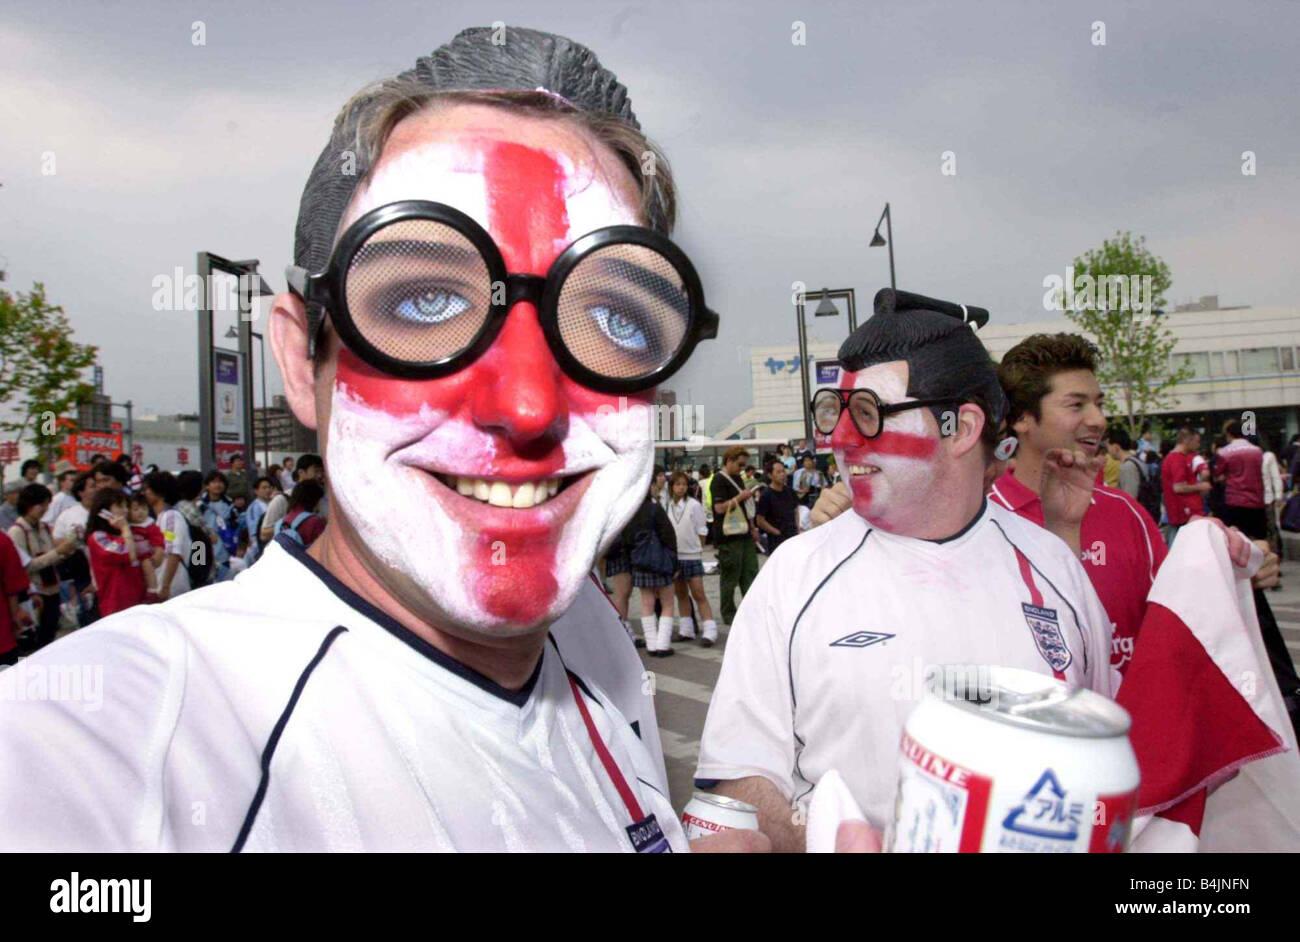 England Fans Fußballfans Juni 2002 Bild feiert nach Sieg gegen Argentinien-England-Fans gekleidet wie bei japanischen Stockbild